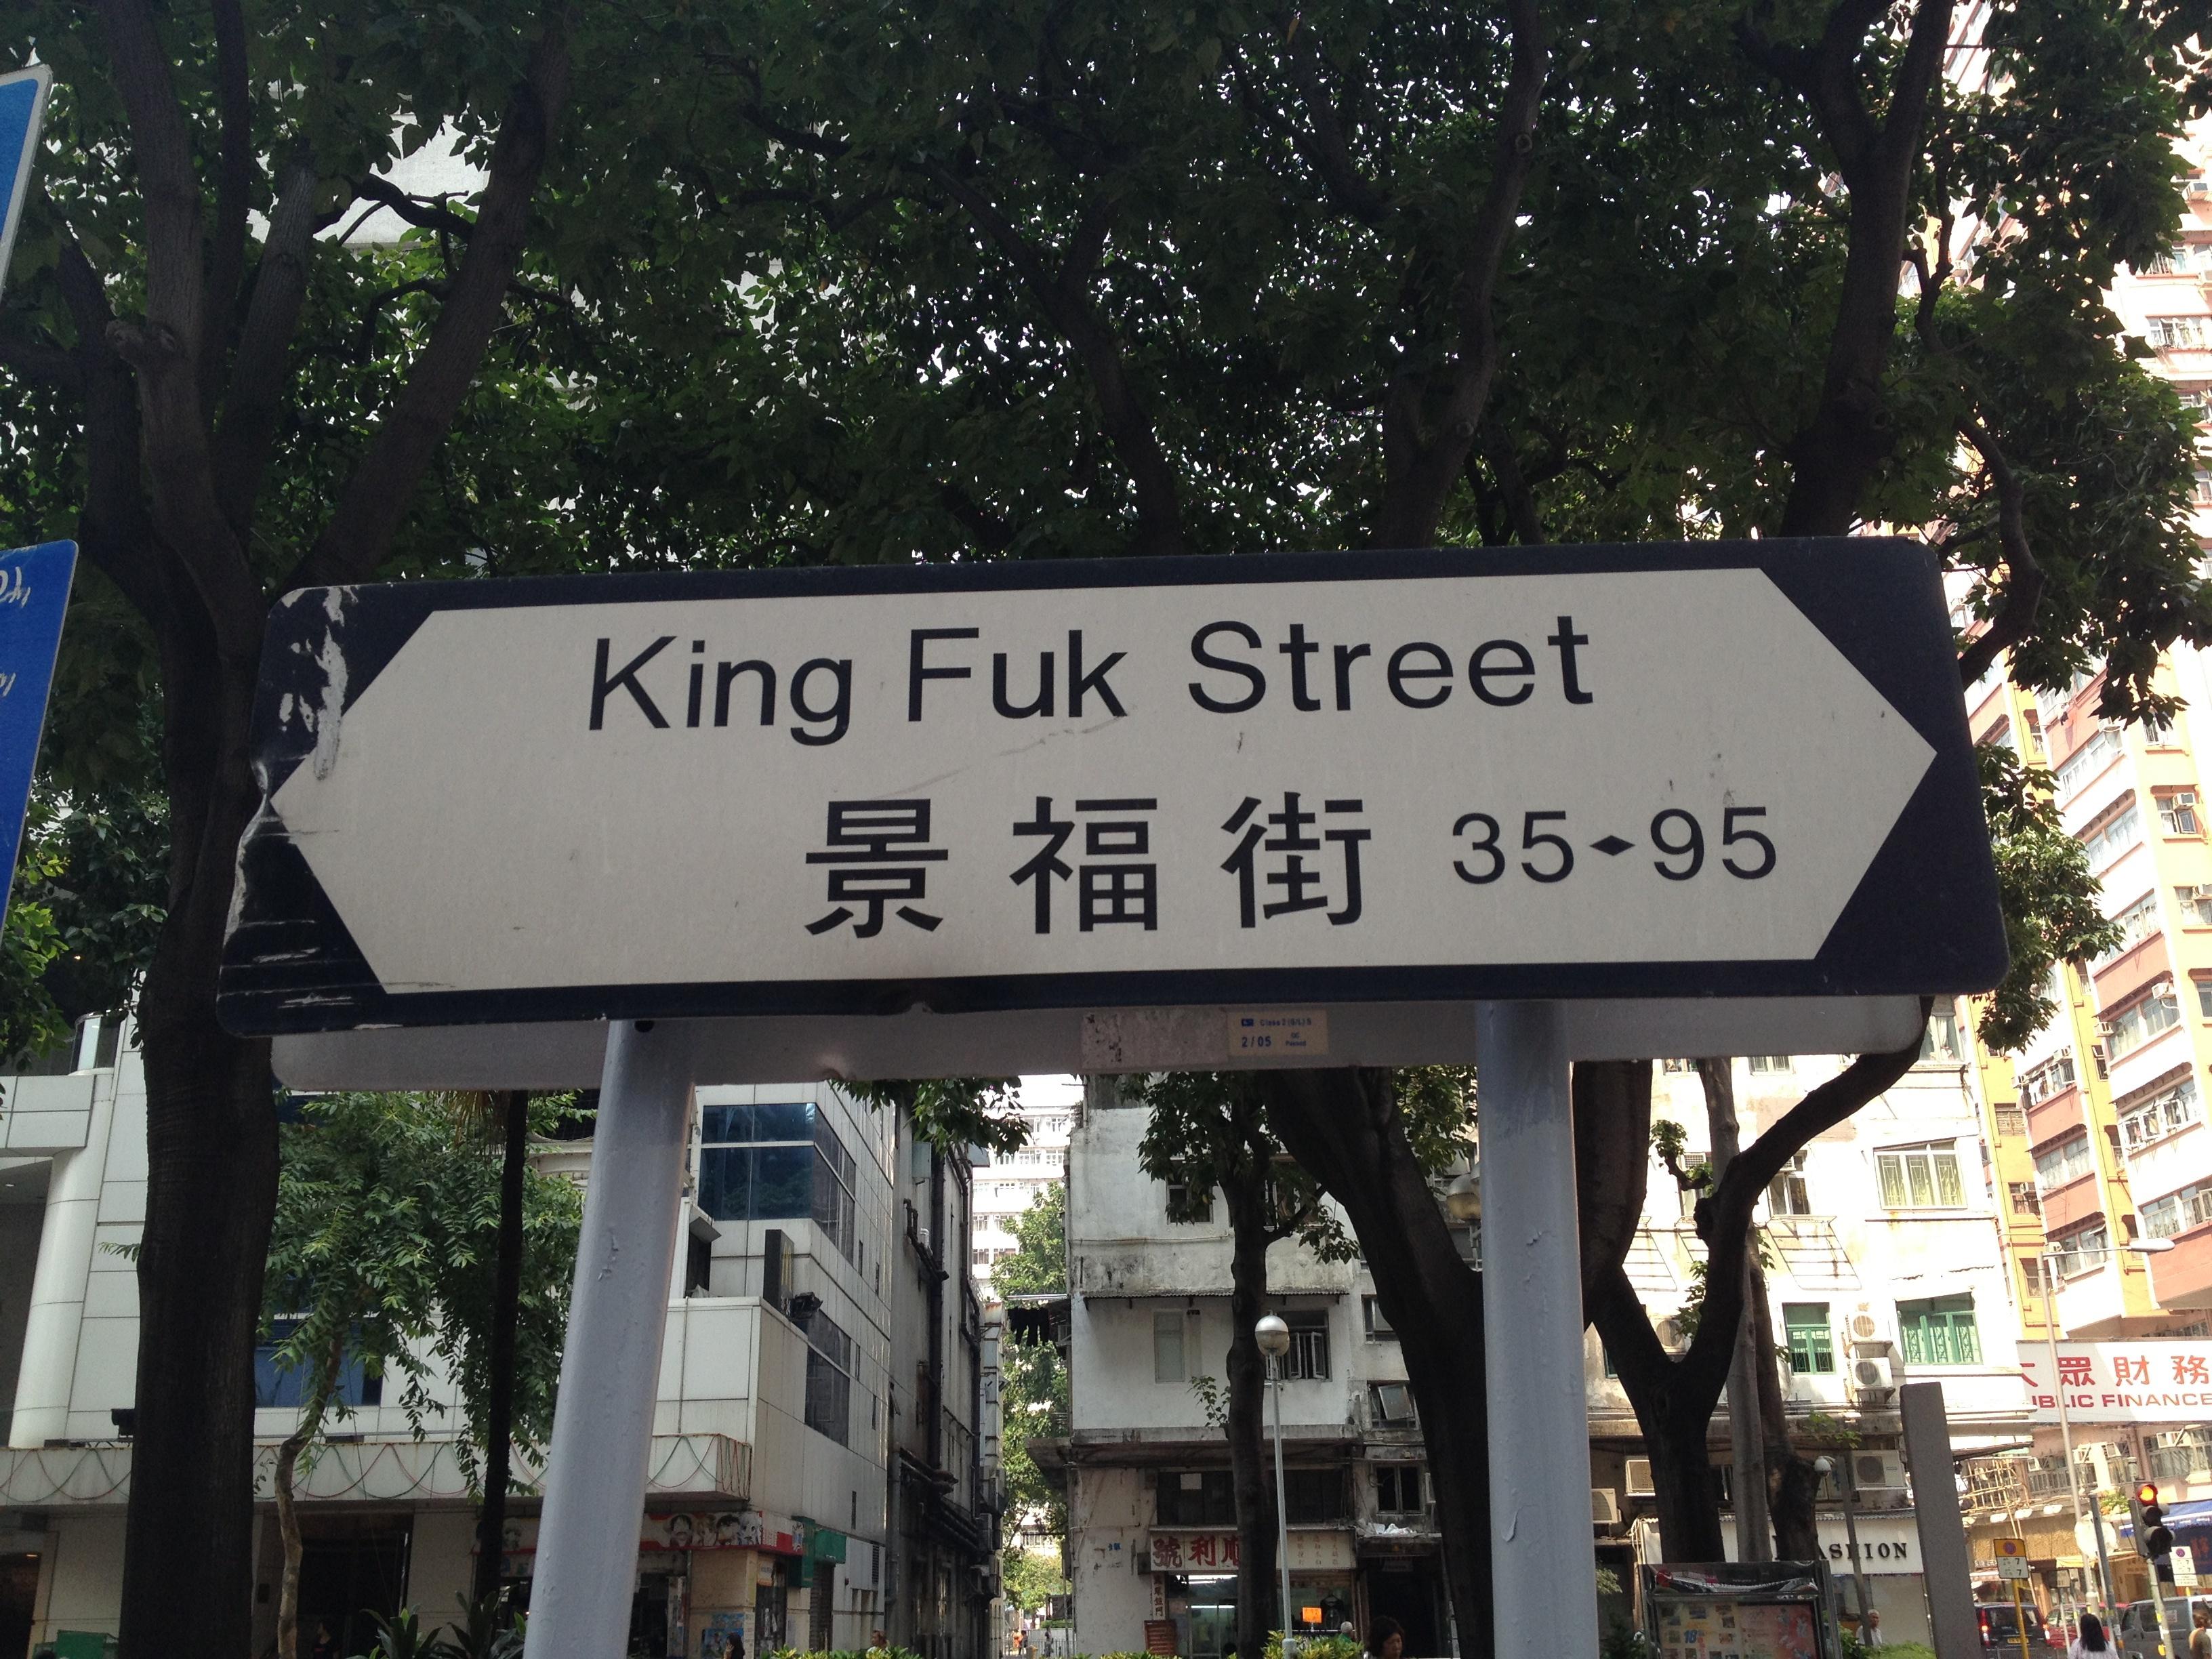 King Fuk